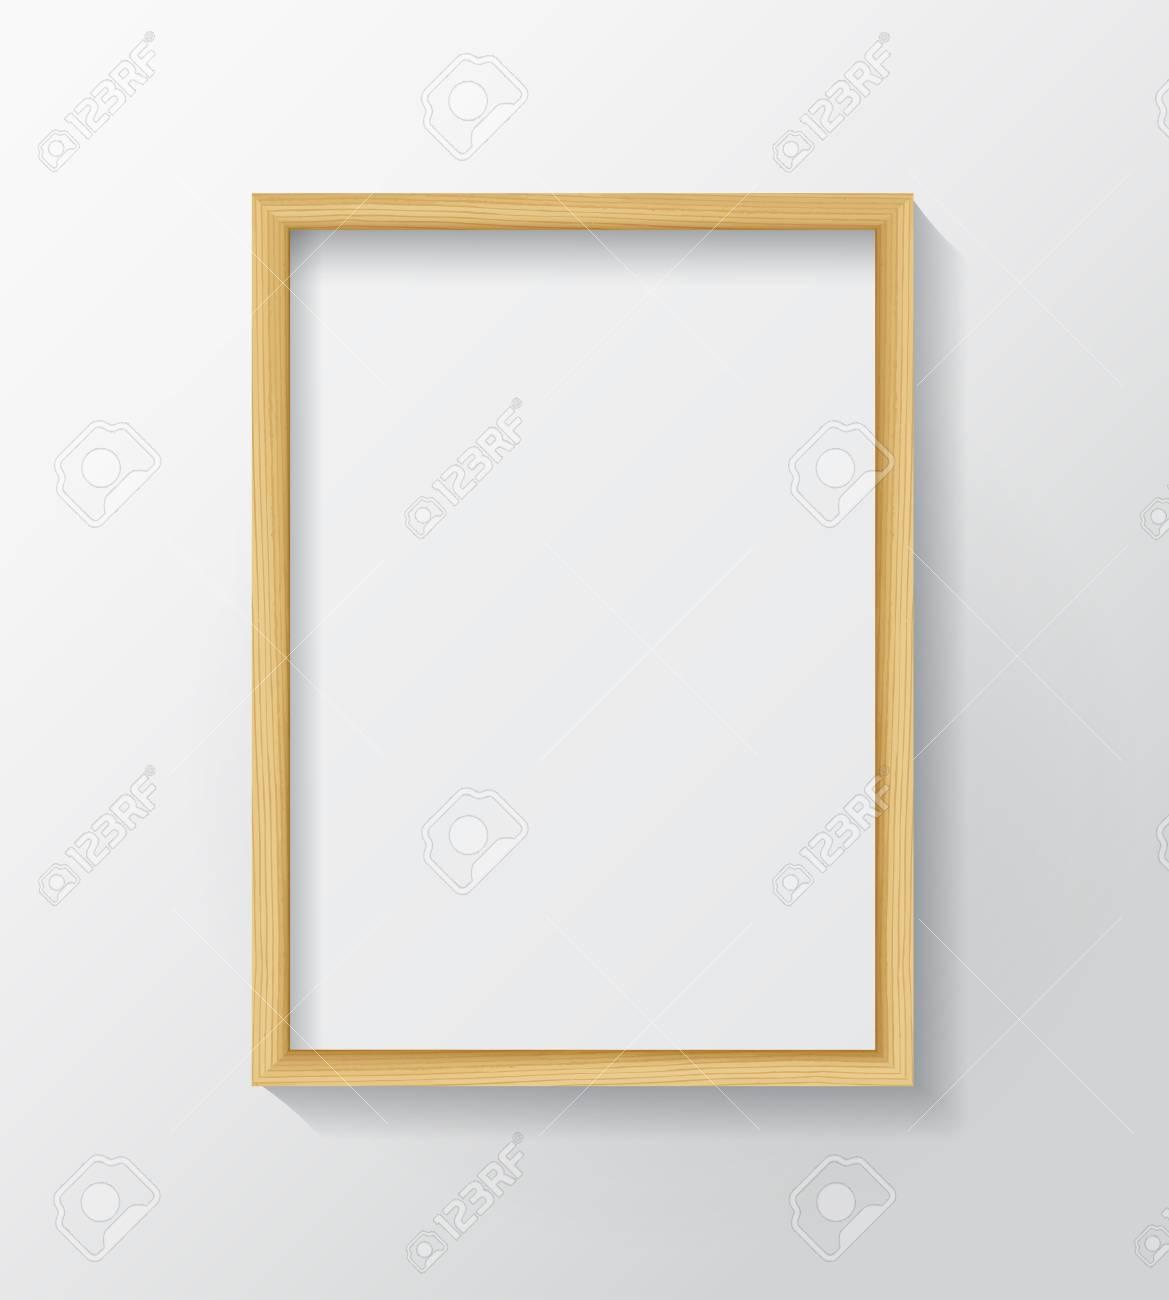 Realistisches Licht Holz Blank Bilderrahmen, Hängen An Einer Weißen ...